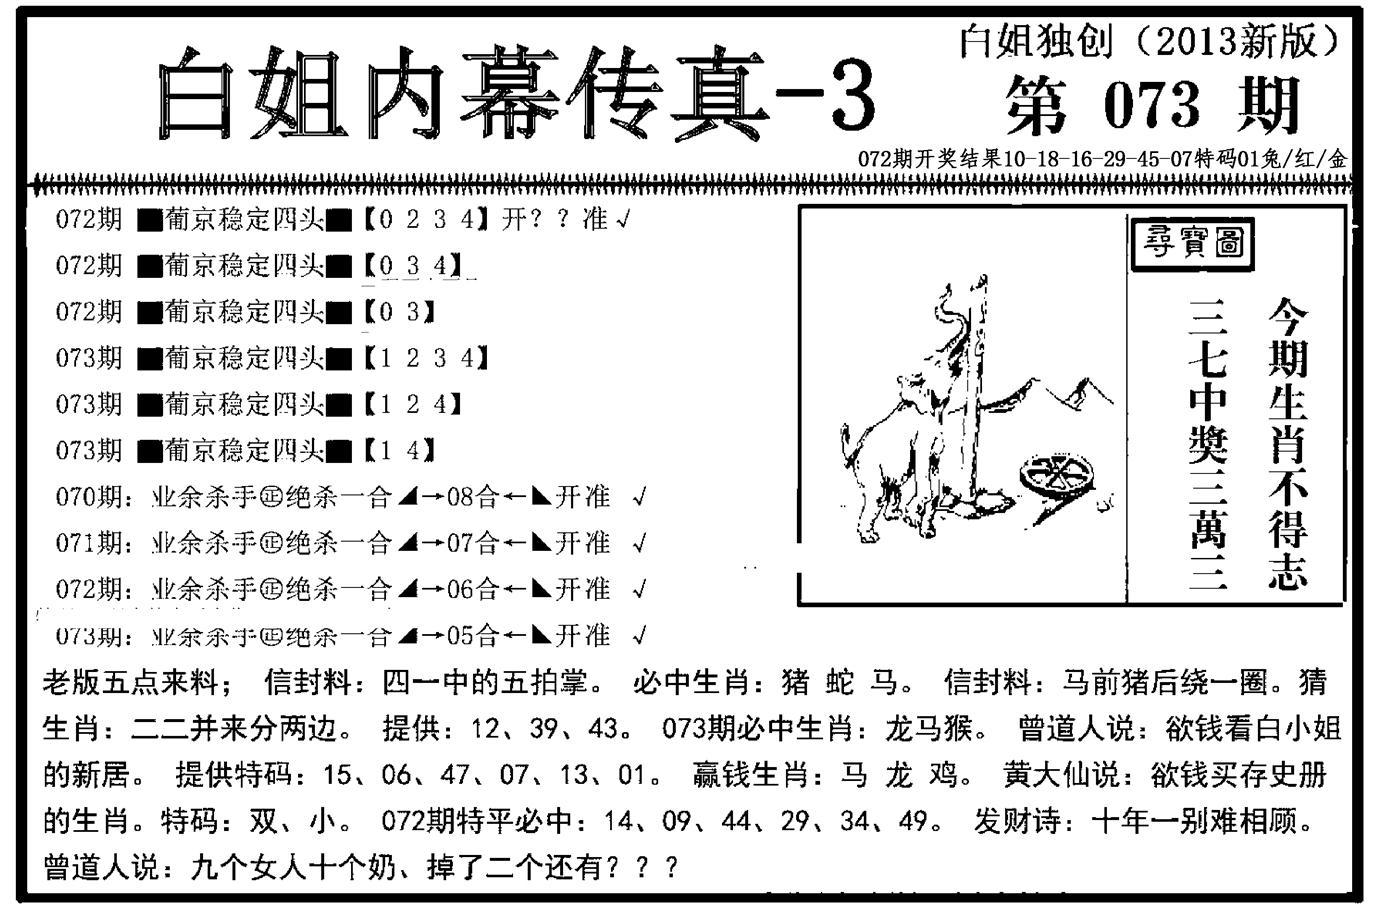 073期白姐内幕传真-3(黑白)